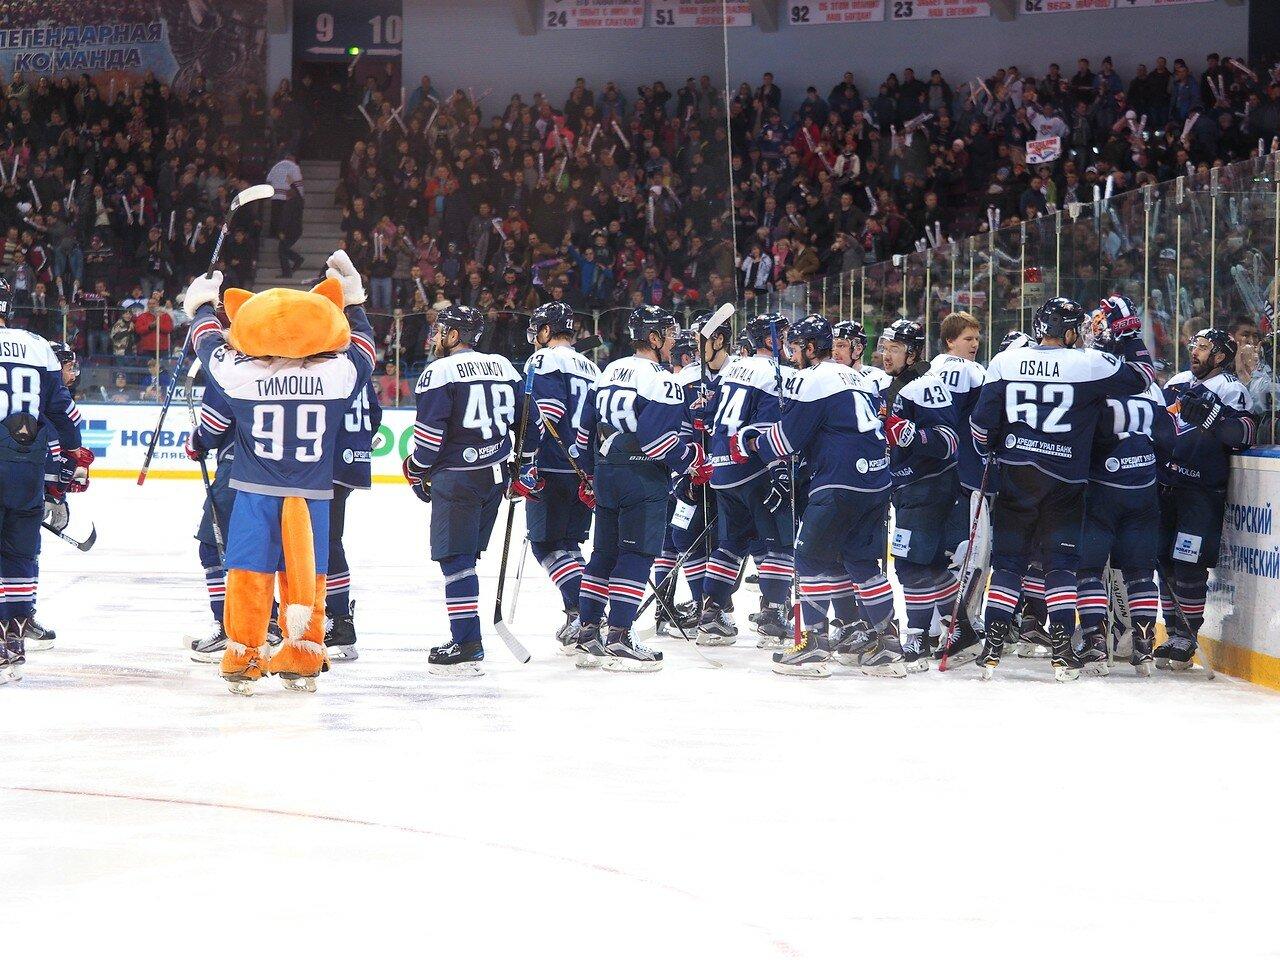 133 Первая игра финала плей-офф восточной конференции 2017 Металлург - АкБарс 24.03.2017